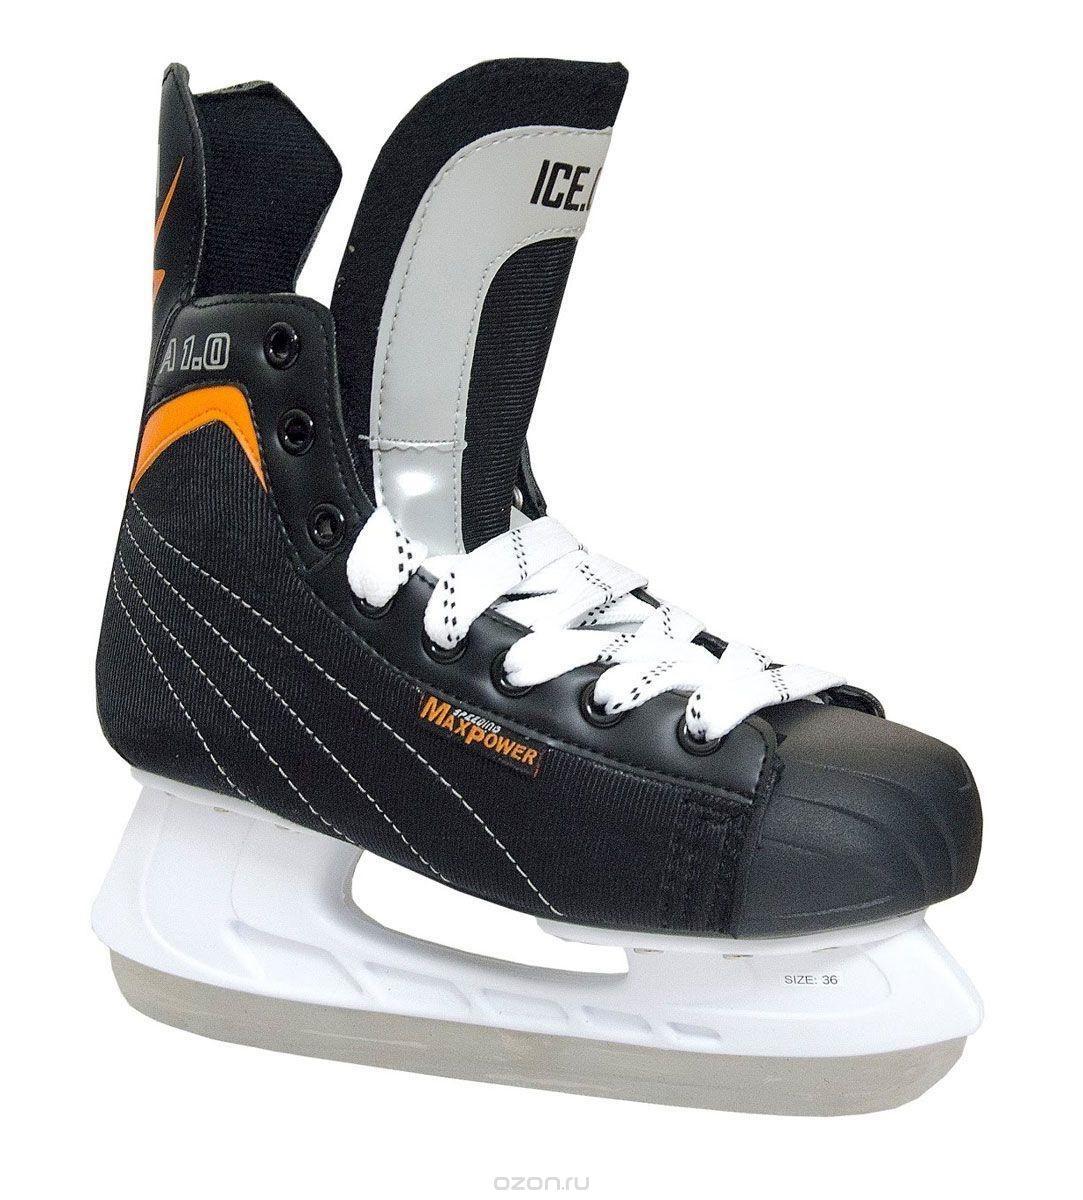 Коньки хоккейные  Ice Com мод. А1.0  р.39